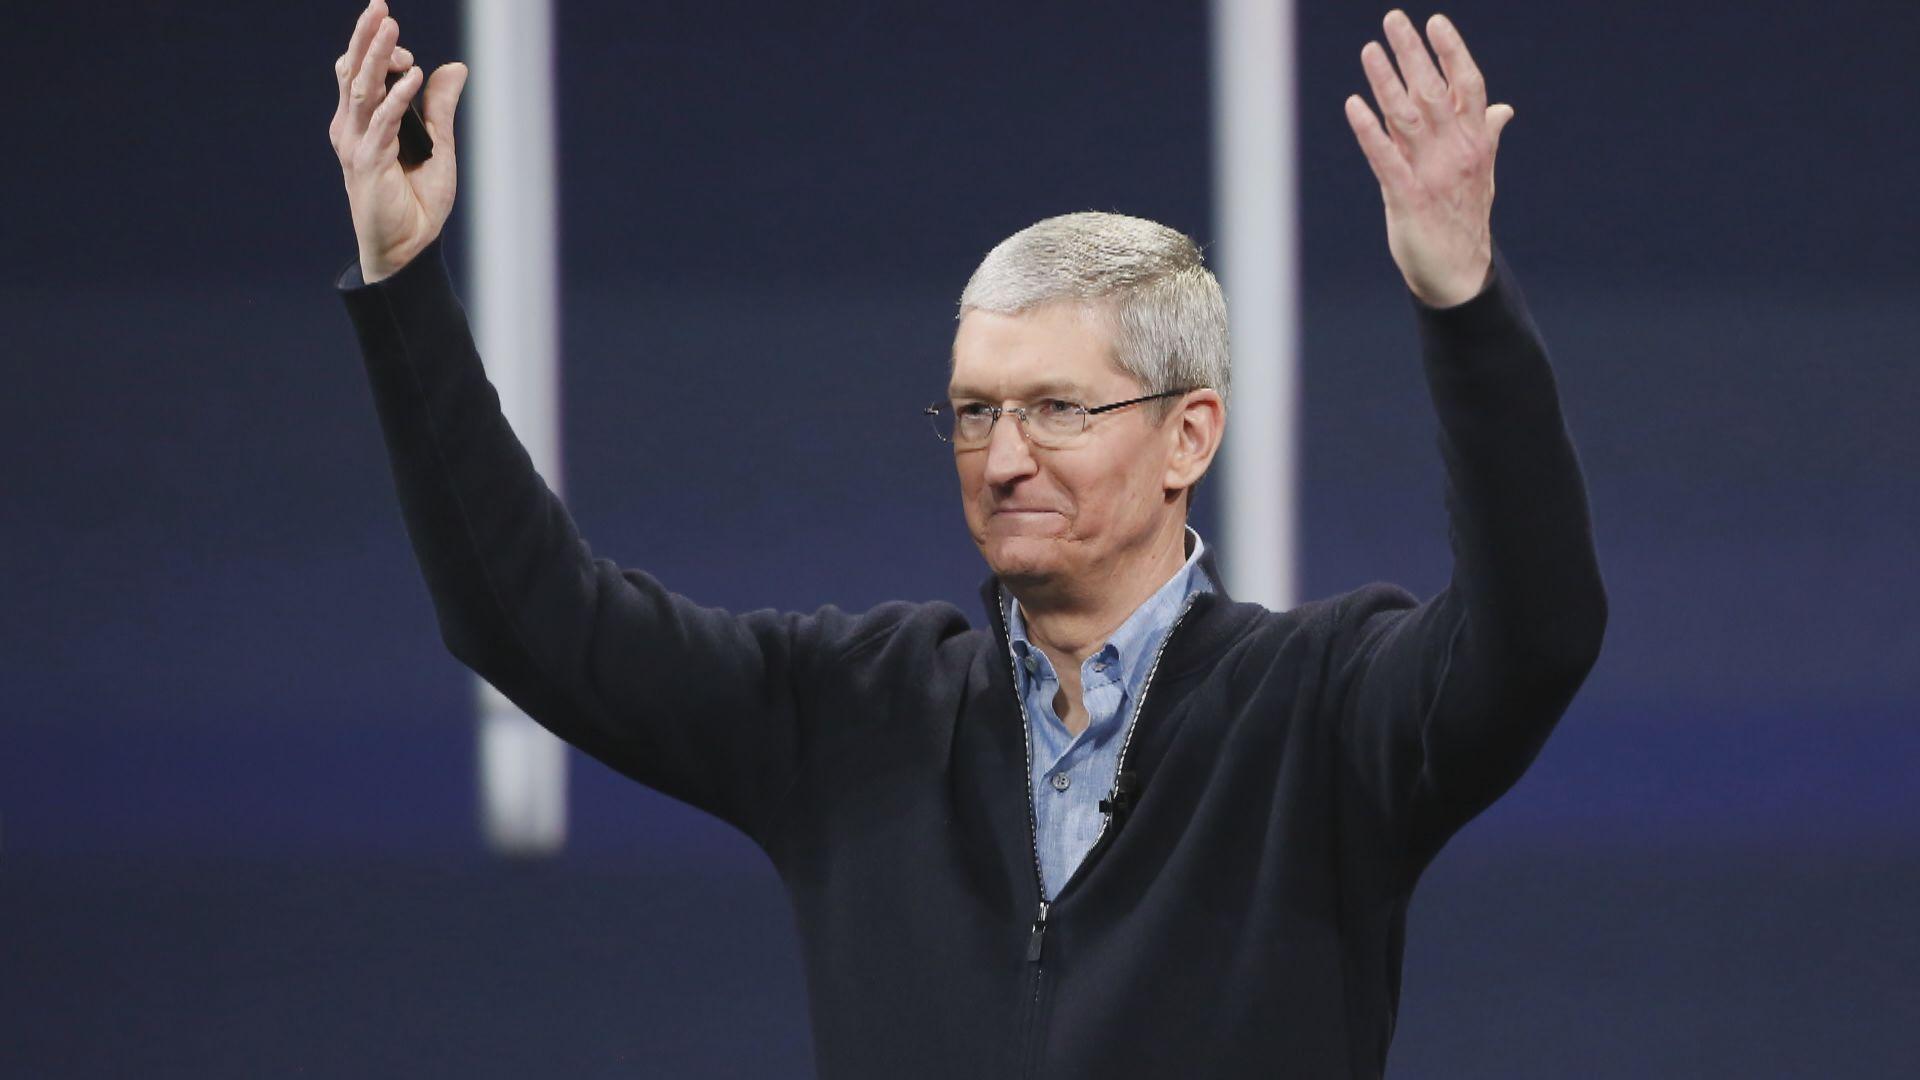 庫克:疫情帶來不確定性 蘋果不發布今季盈利預測